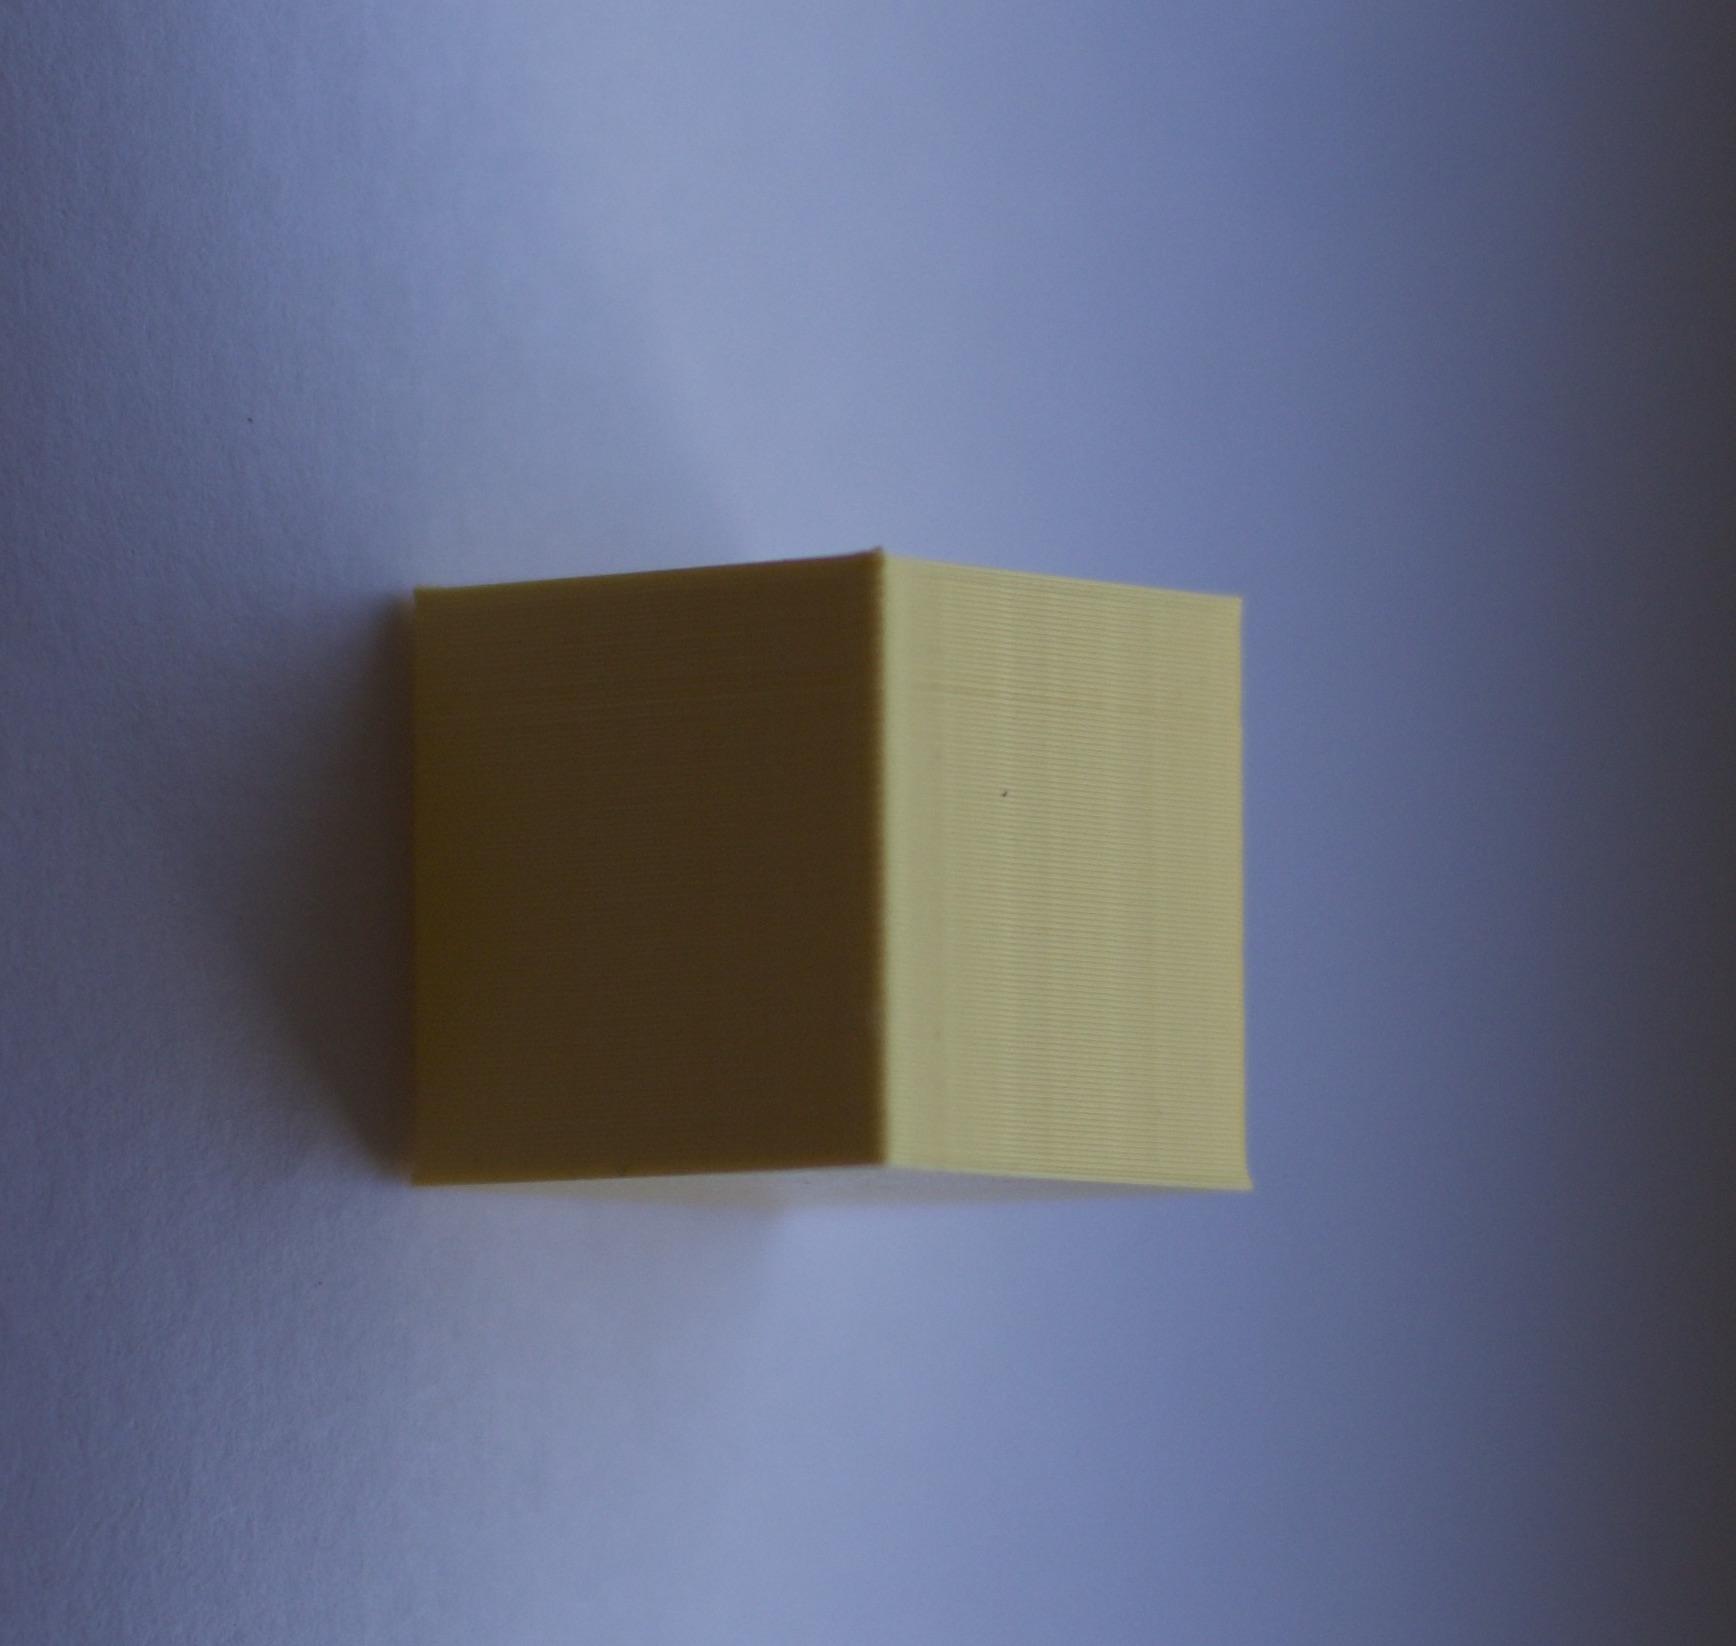 инструкция по смазке слайсера